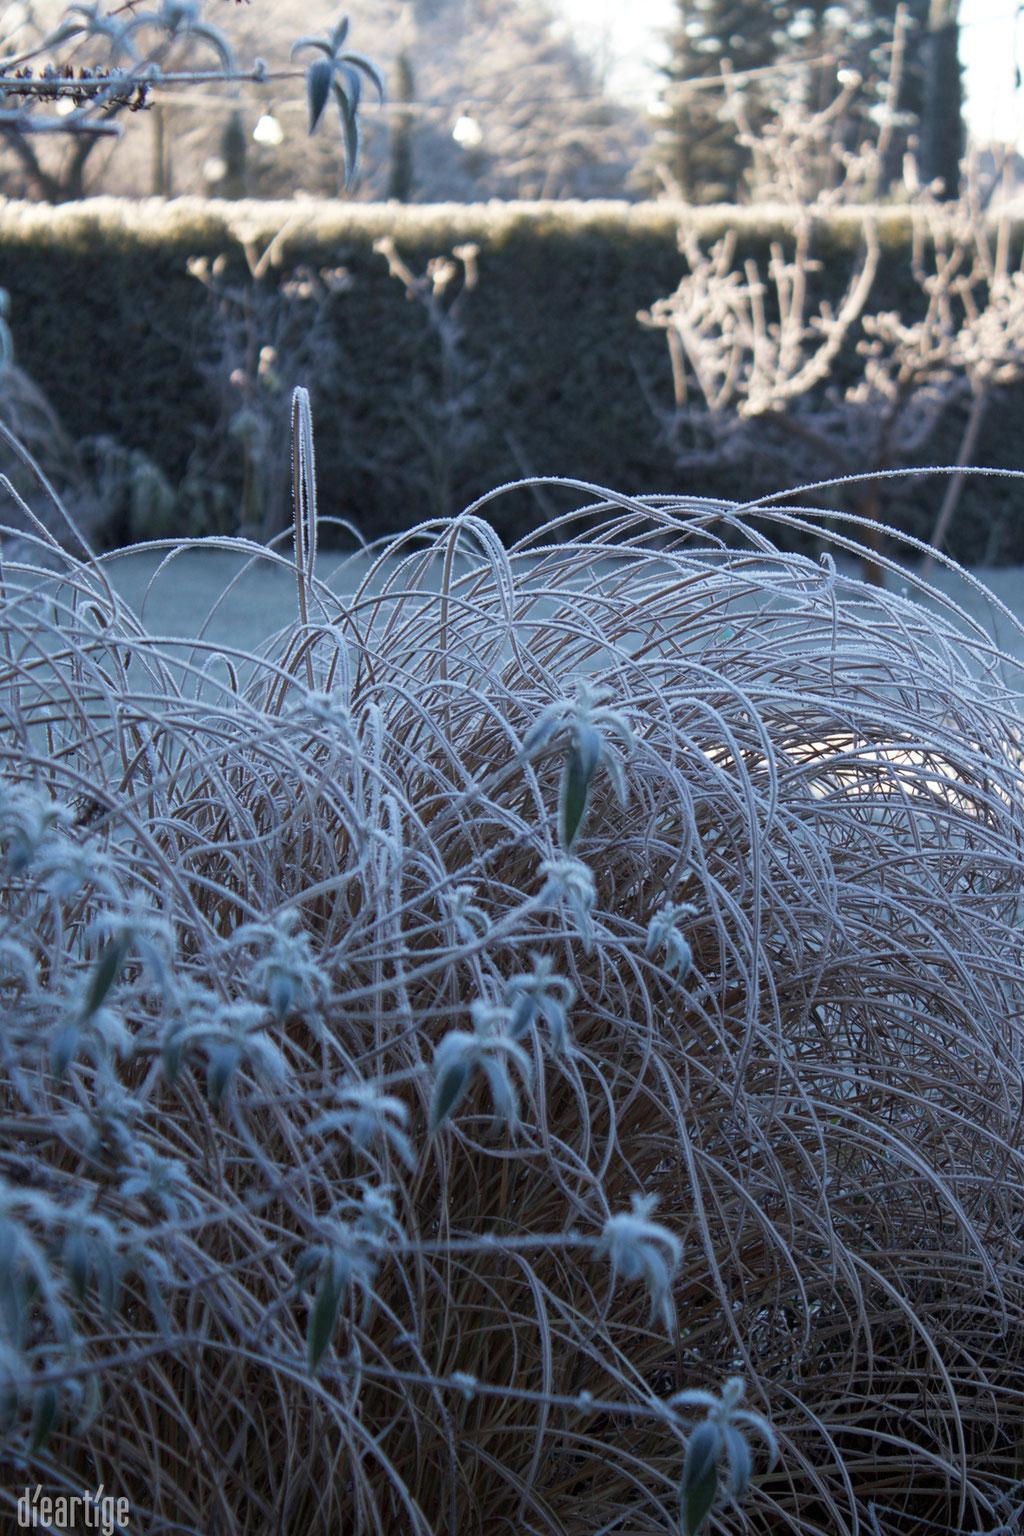 dieartigeBLOG - Wintergarten, Rauhreif + Eiskristalle, Gras + Sommerflieder